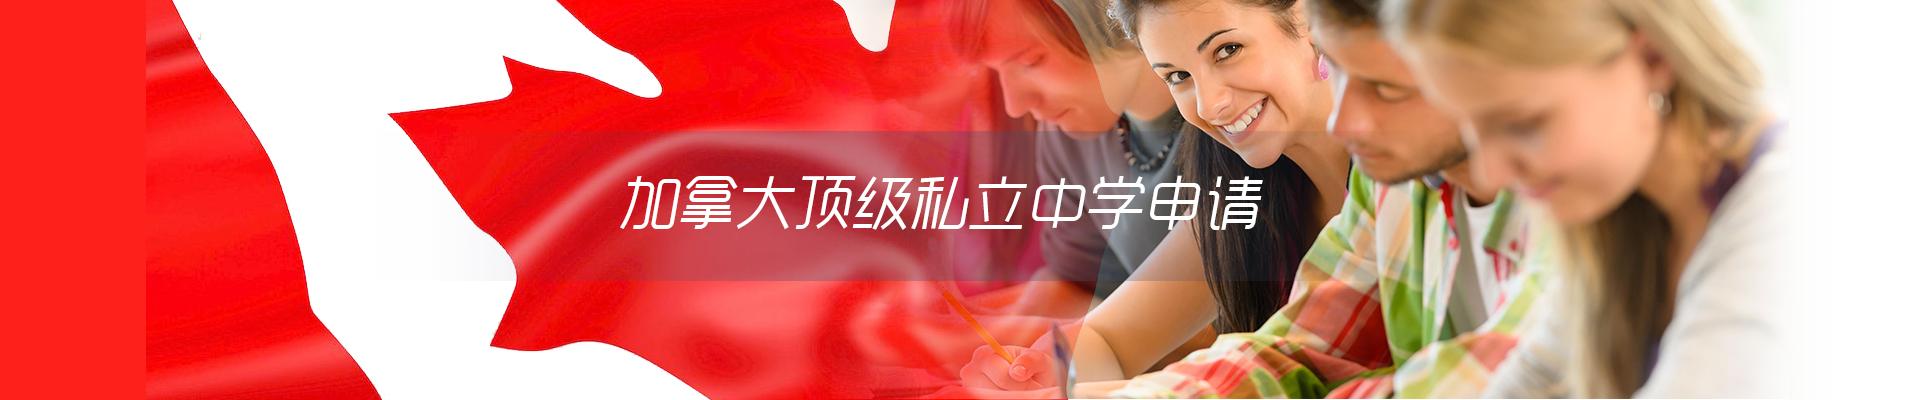 加拿大顶级私立中学留学申请